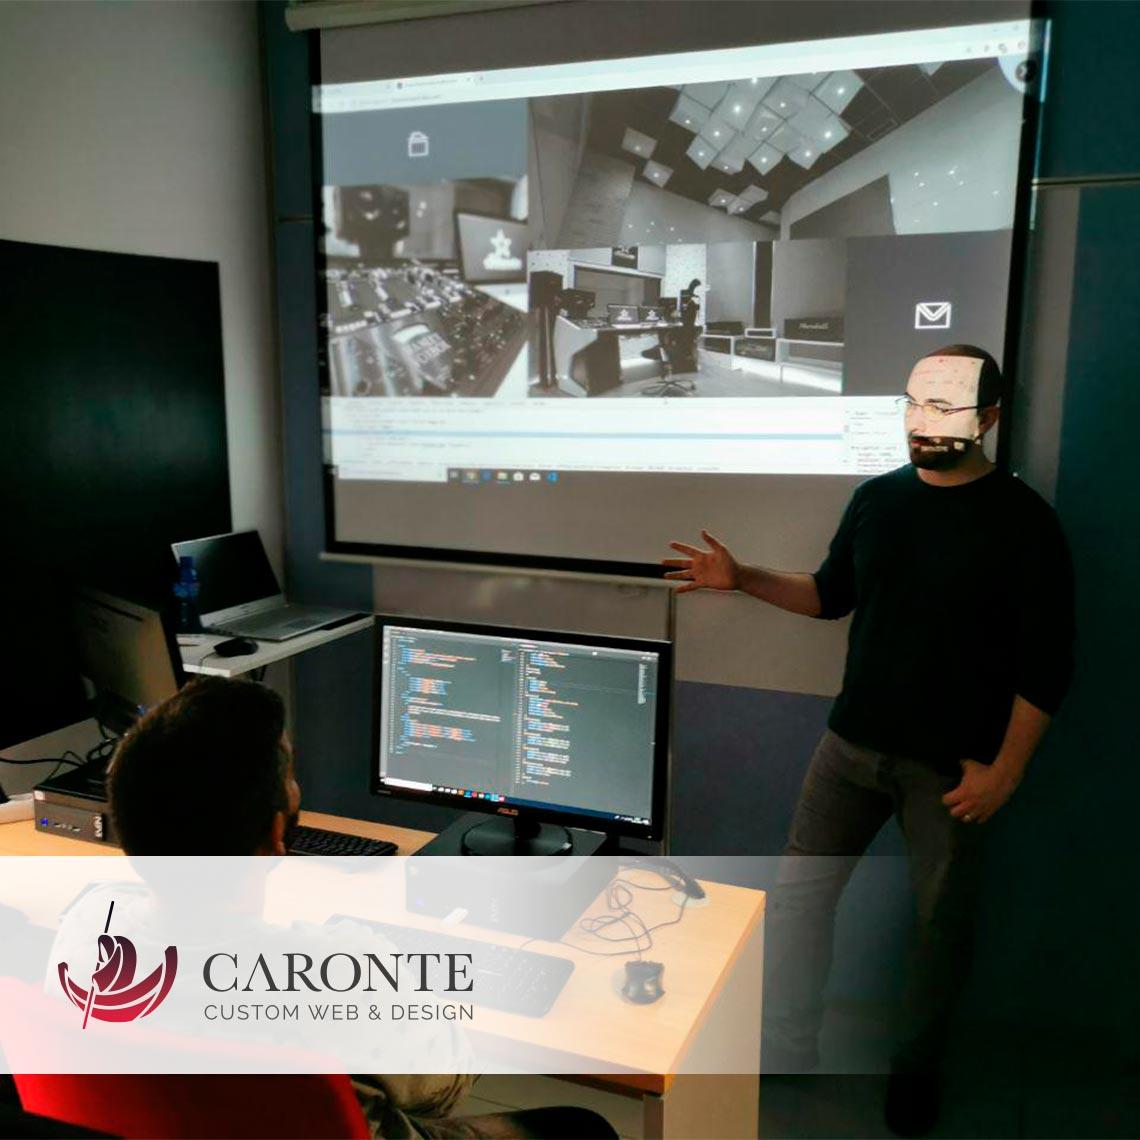 Formación Desarrollador Web :: Caronte Web Studio